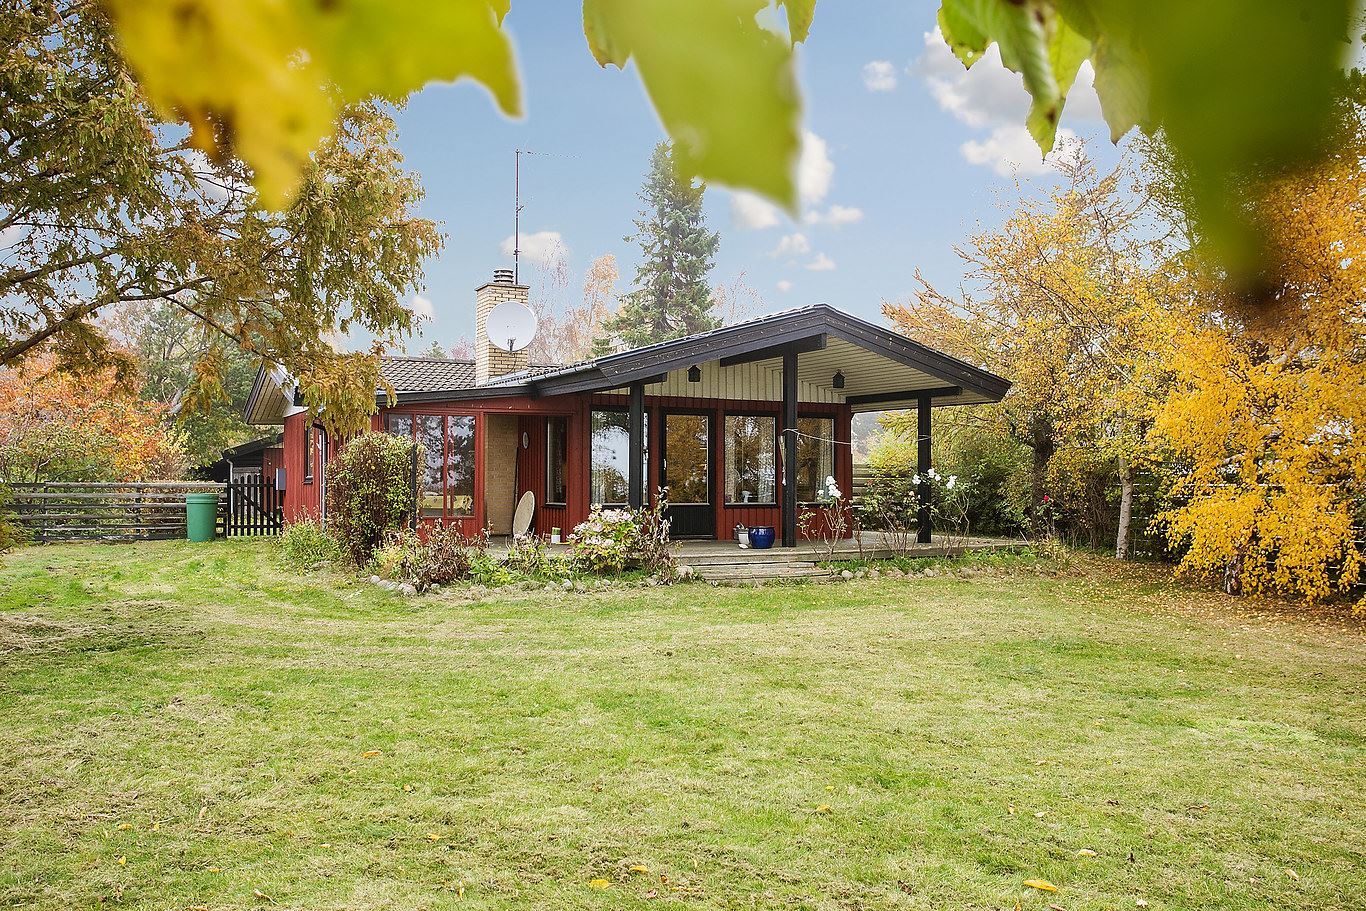 Jørgensgård 4, Str Børstrup, 3250 Gilleleje